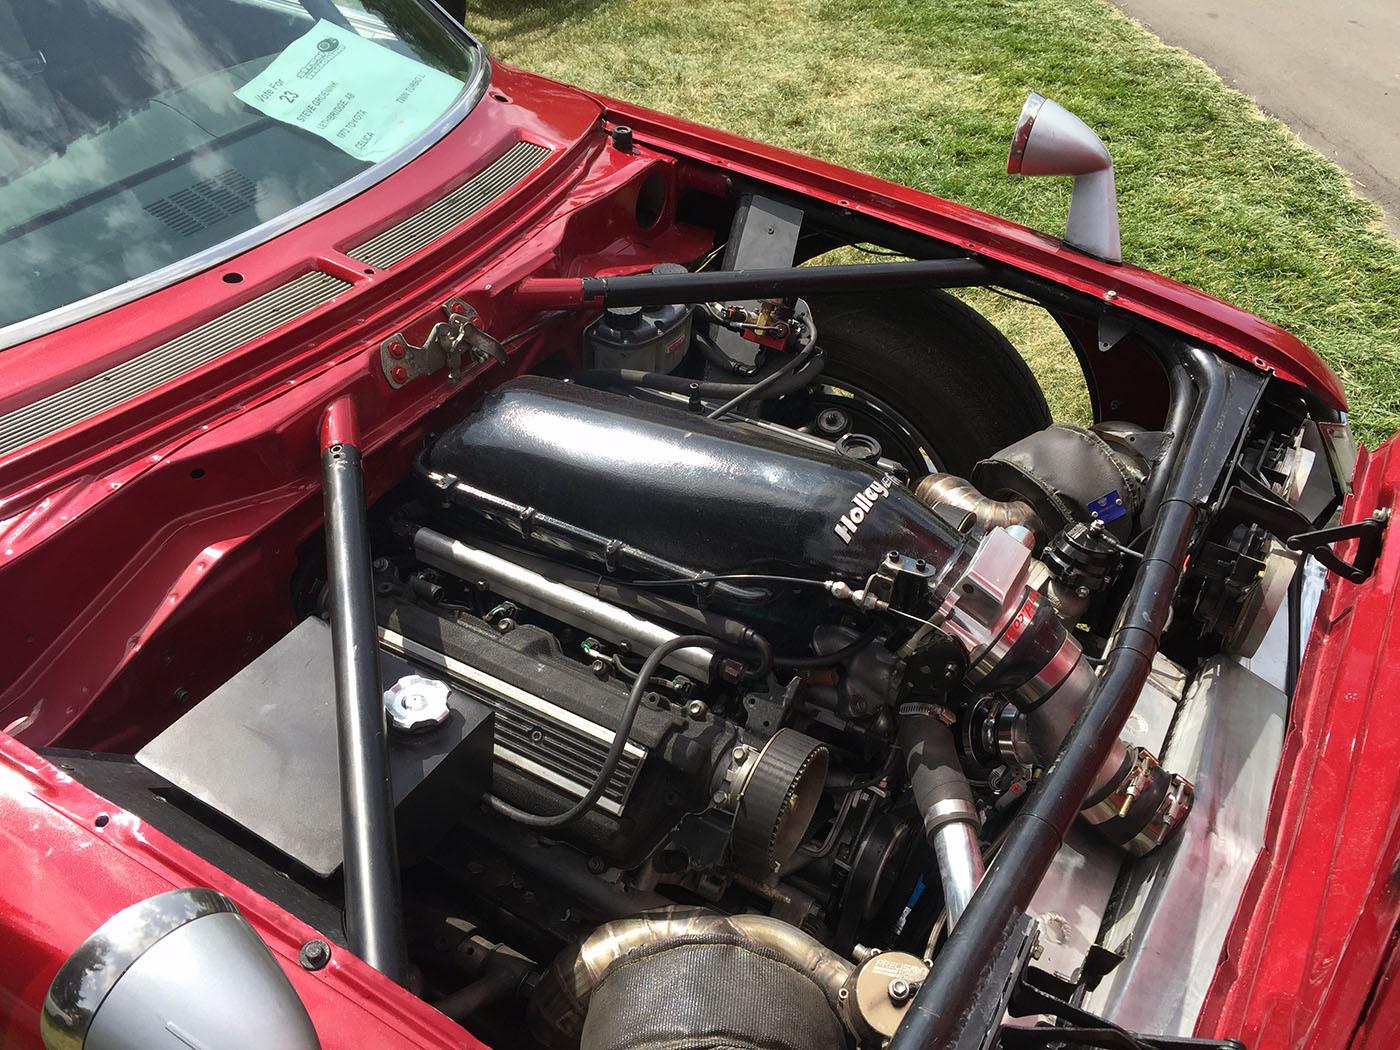 1973 Toyota Celica With A Twin Turbo 1uz Fe Engine Swap